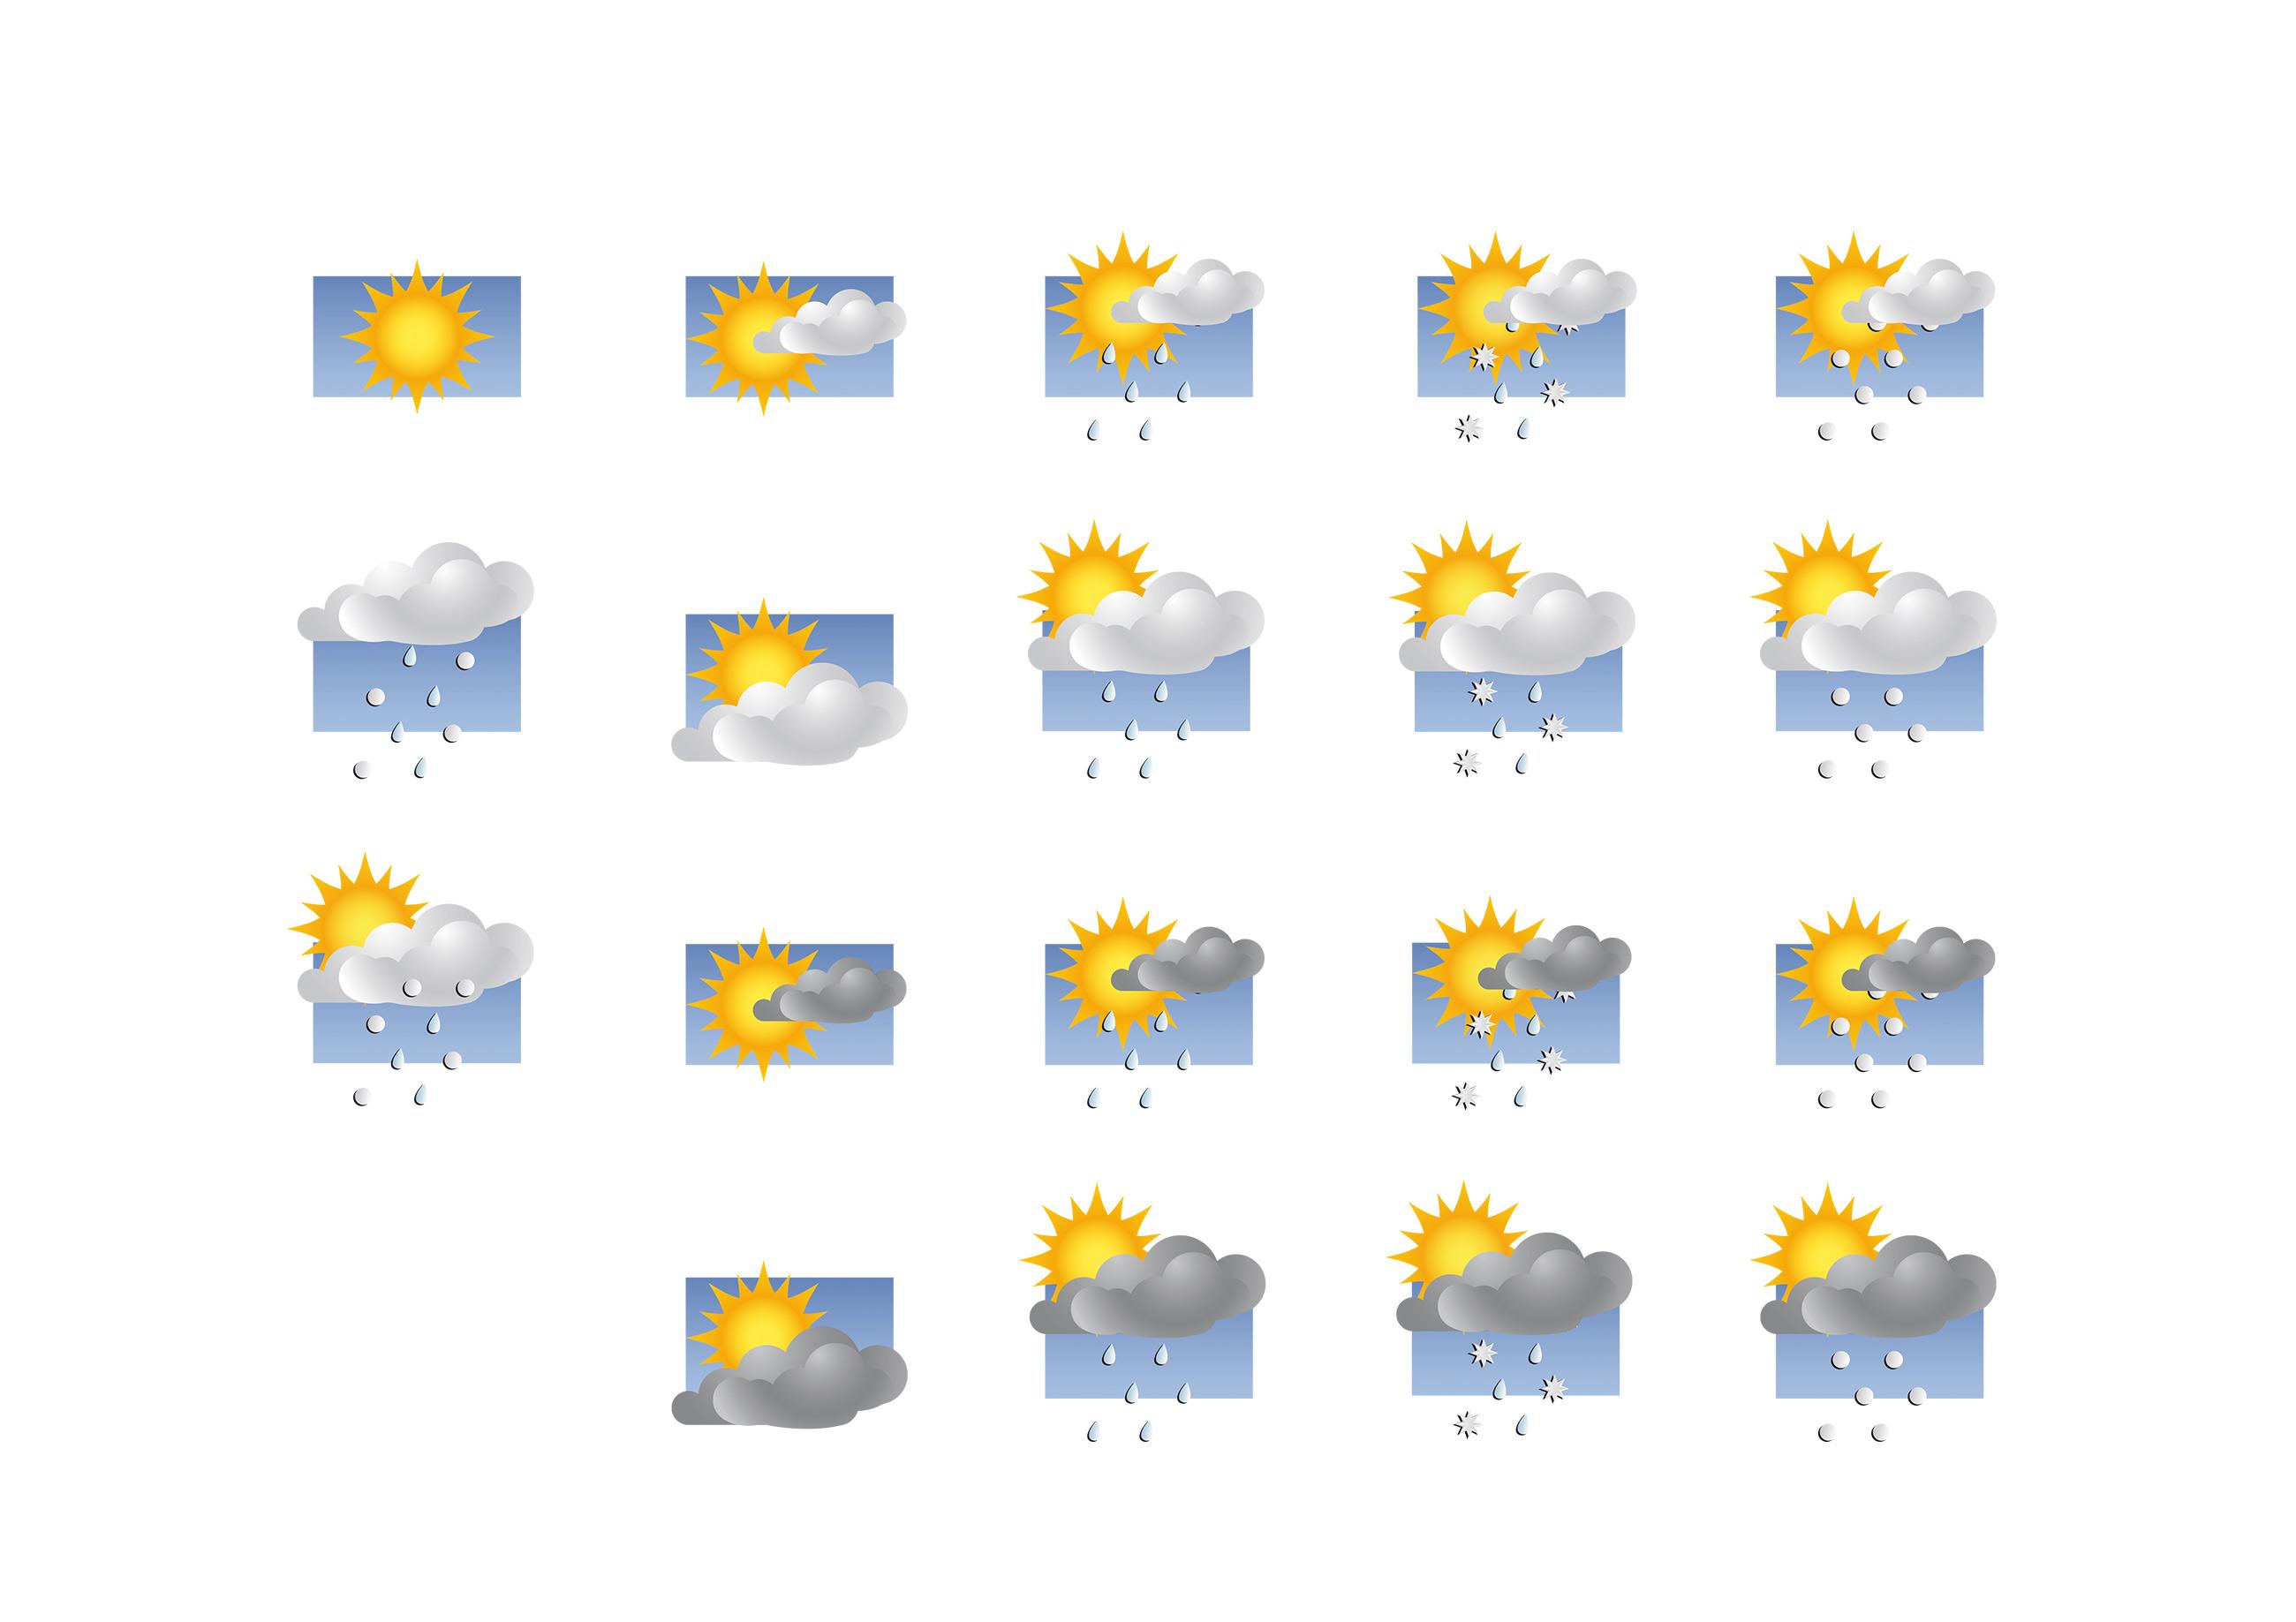 Ikons für Wetter.de